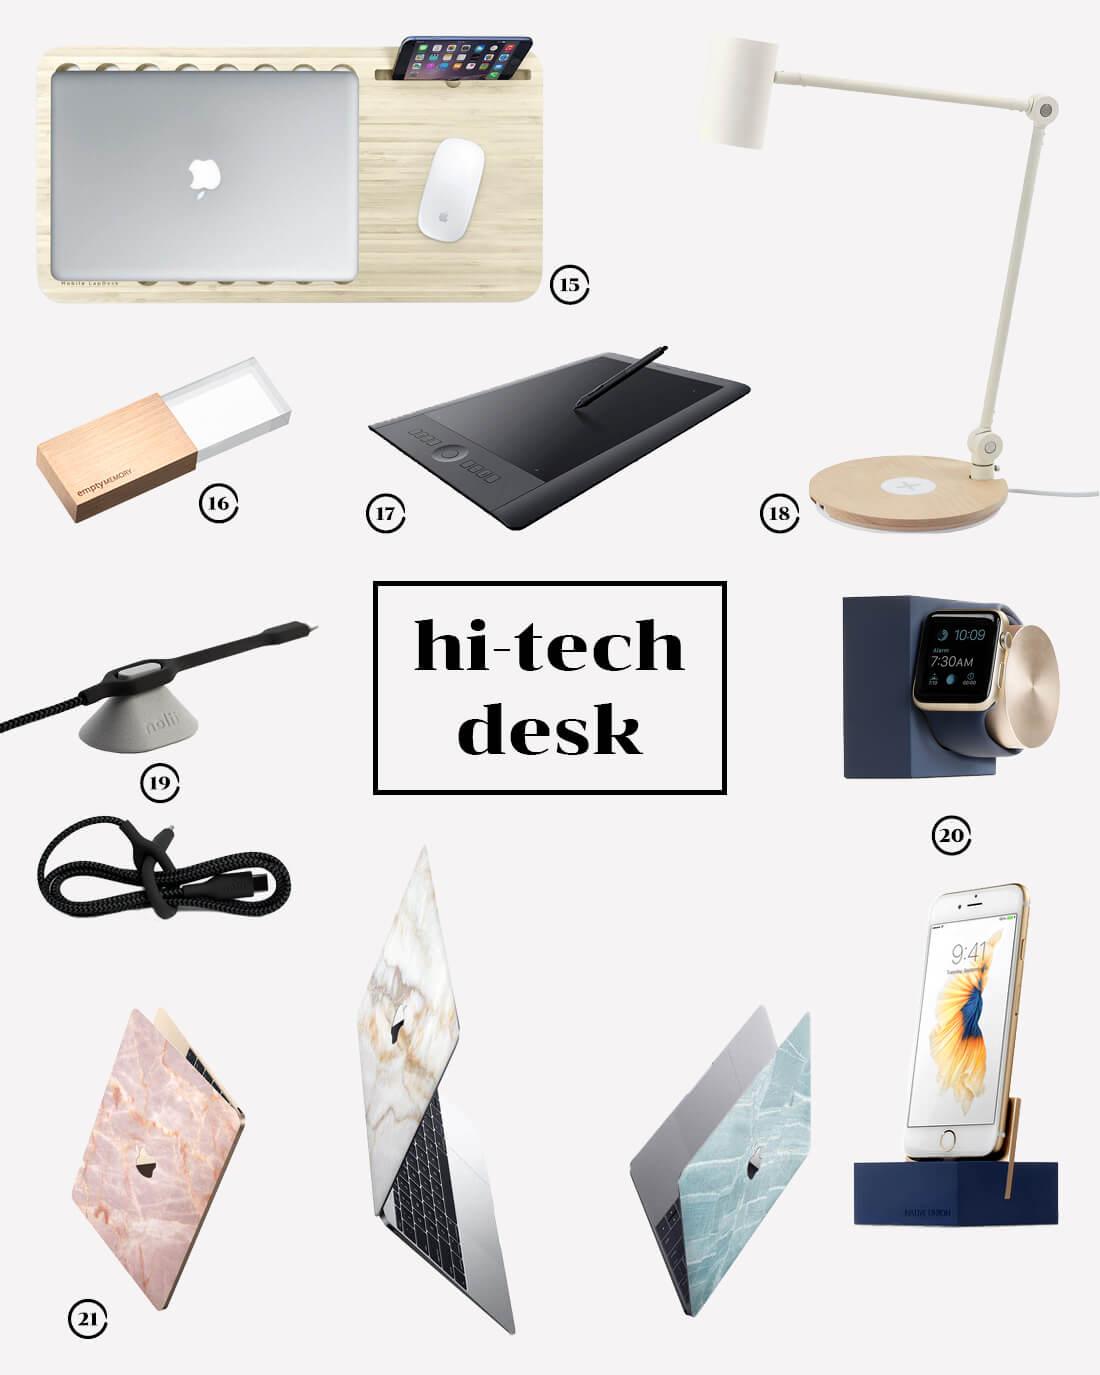 Ispirazioni di design per la scrivania. Style guide hi-teck desk